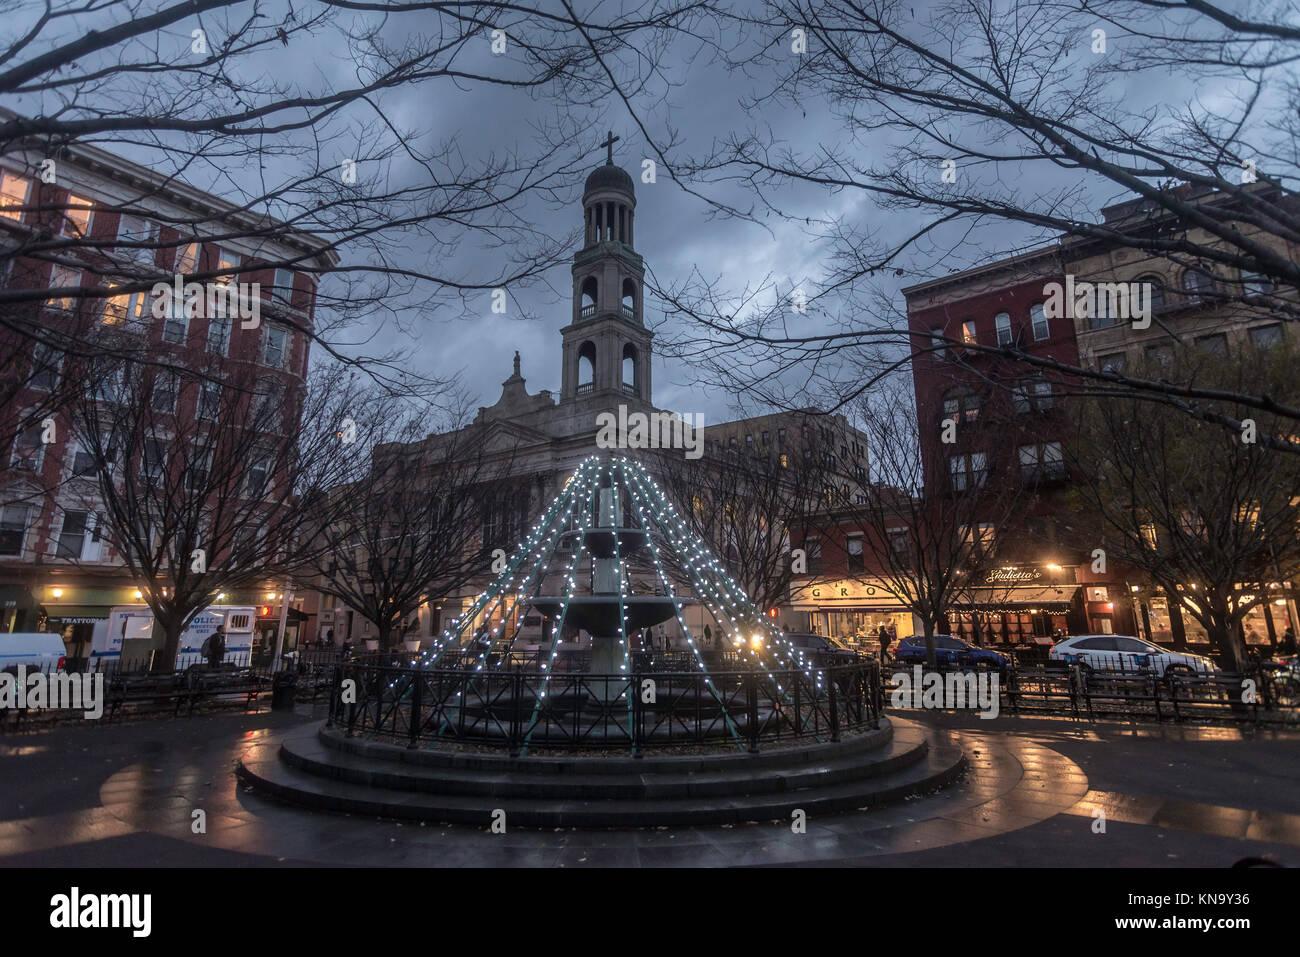 New York, NY, USA, les lumières de Noël sur la fontaine en père carré avec démonstration Photo Stock